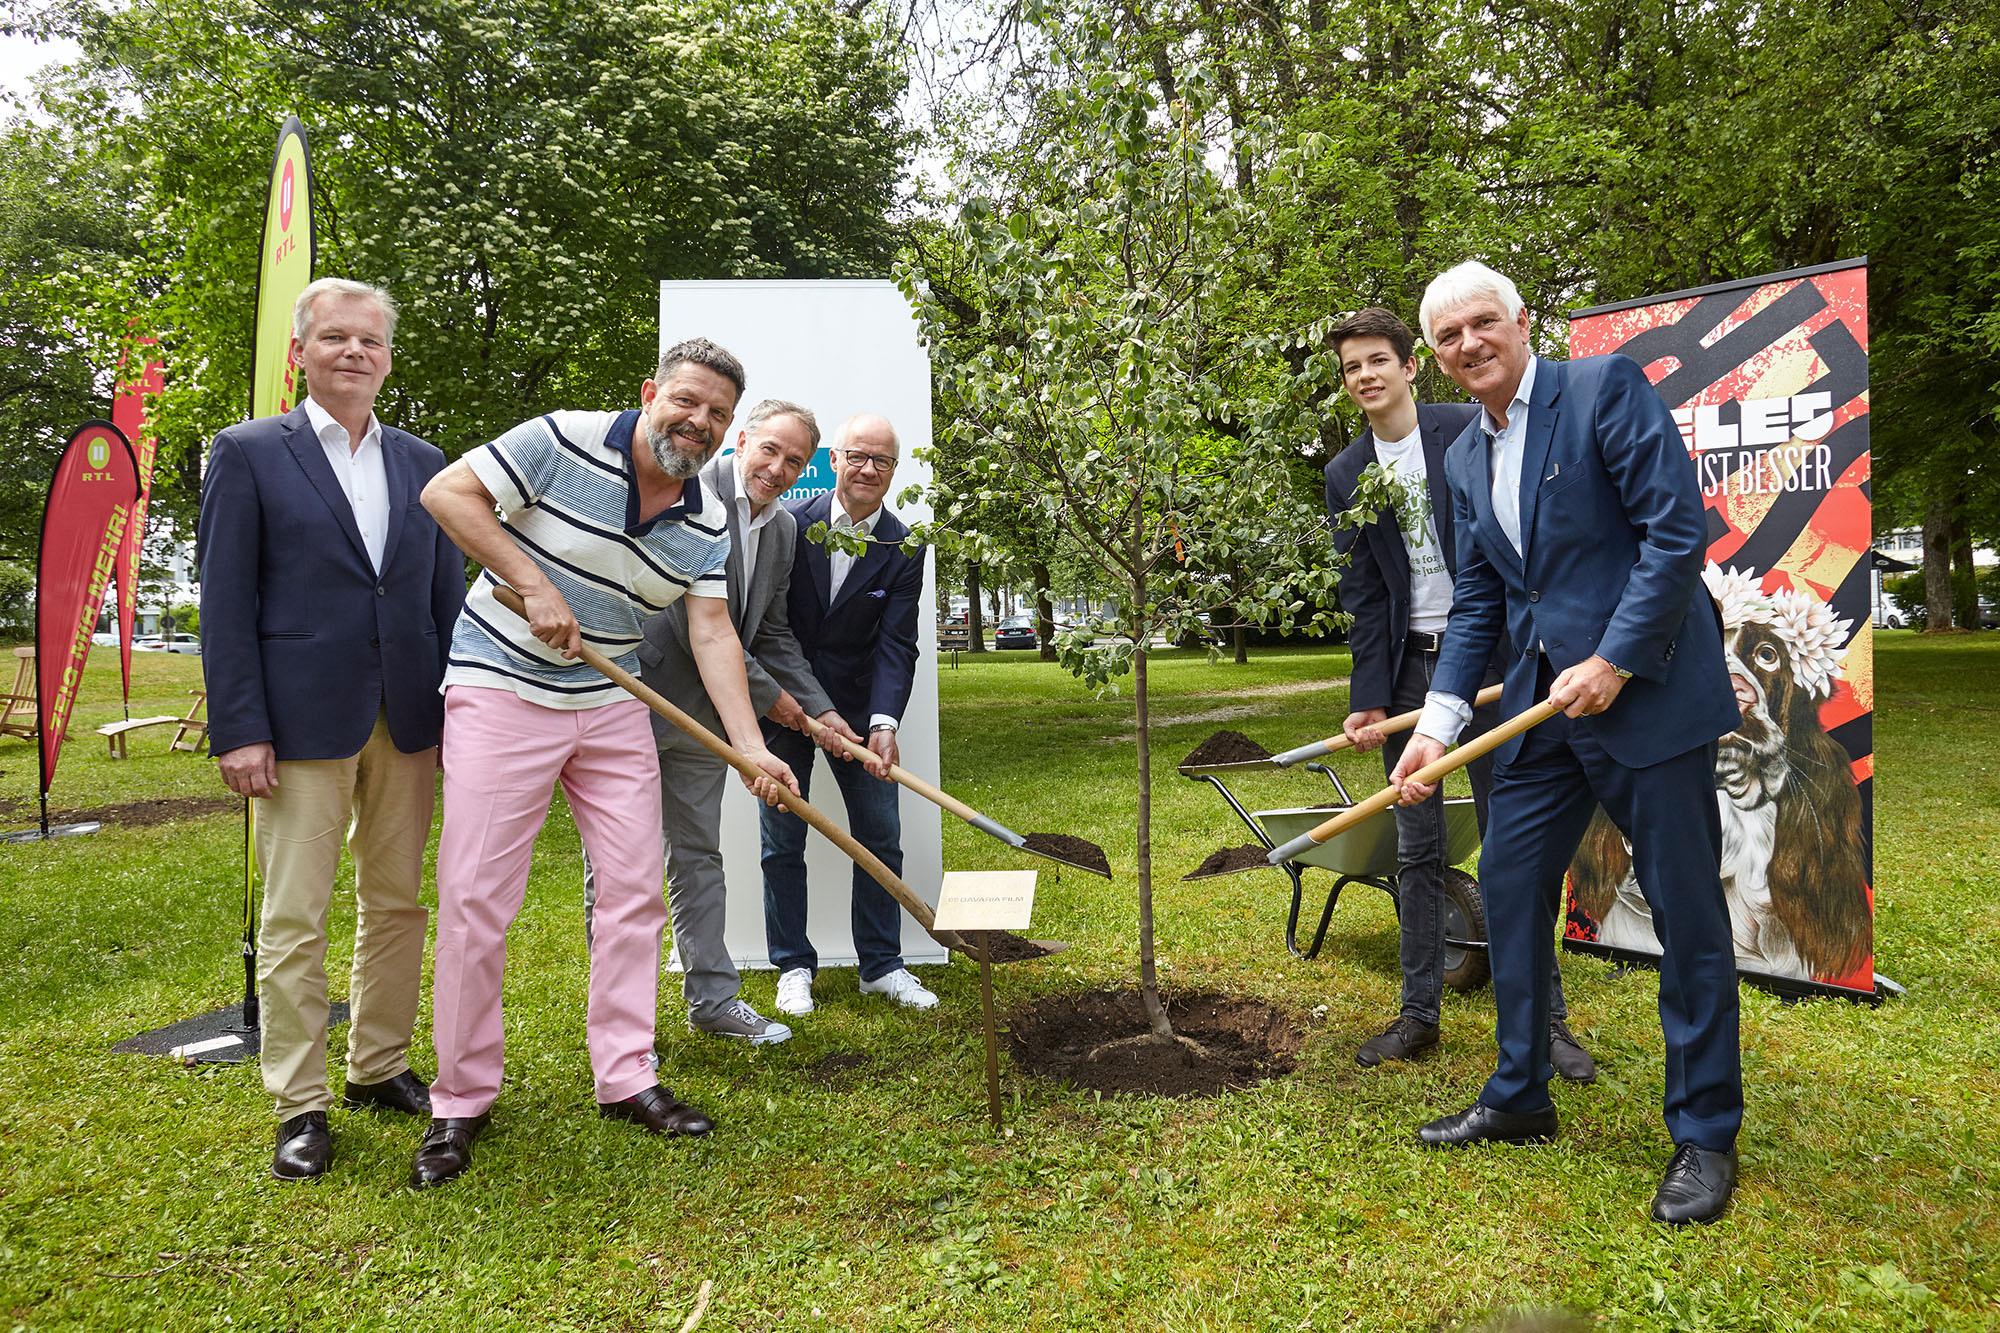 TELE 5, RTL II und BAVARIA FILM schließen eigenes Klima-Abkommen ...